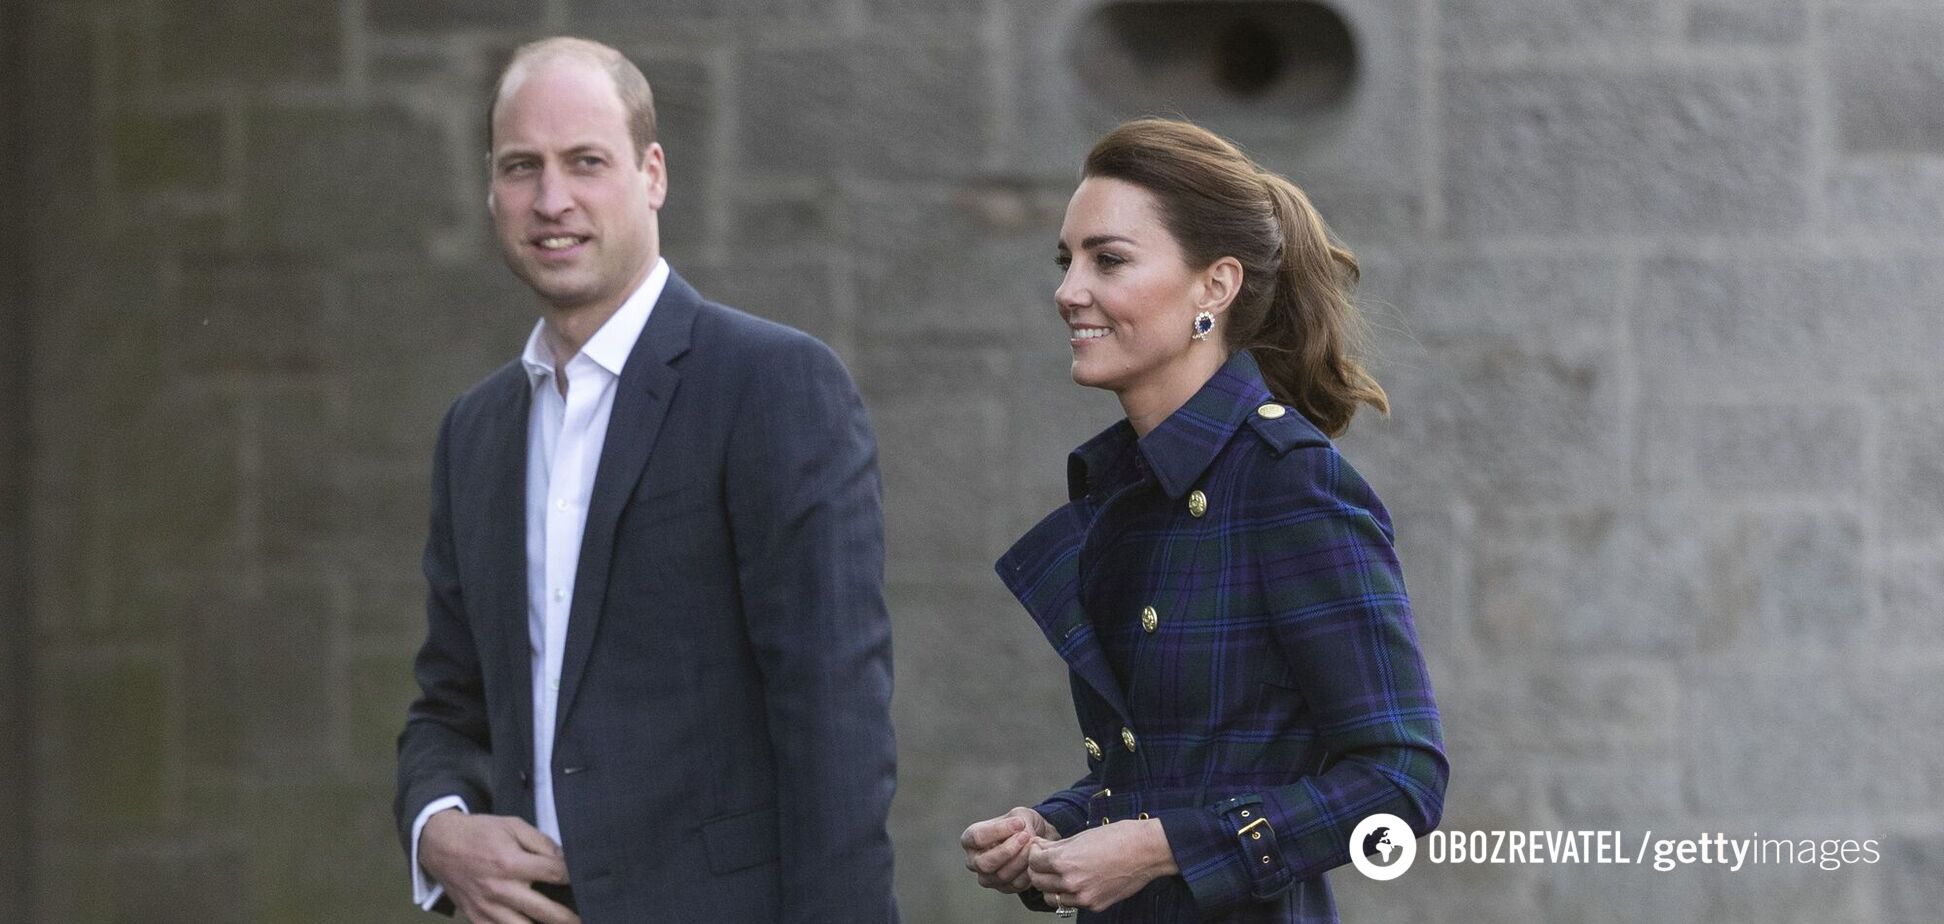 Принц Уильям и Кейт Миддлтон планируют переехать из Лондона в другой город –СМИ